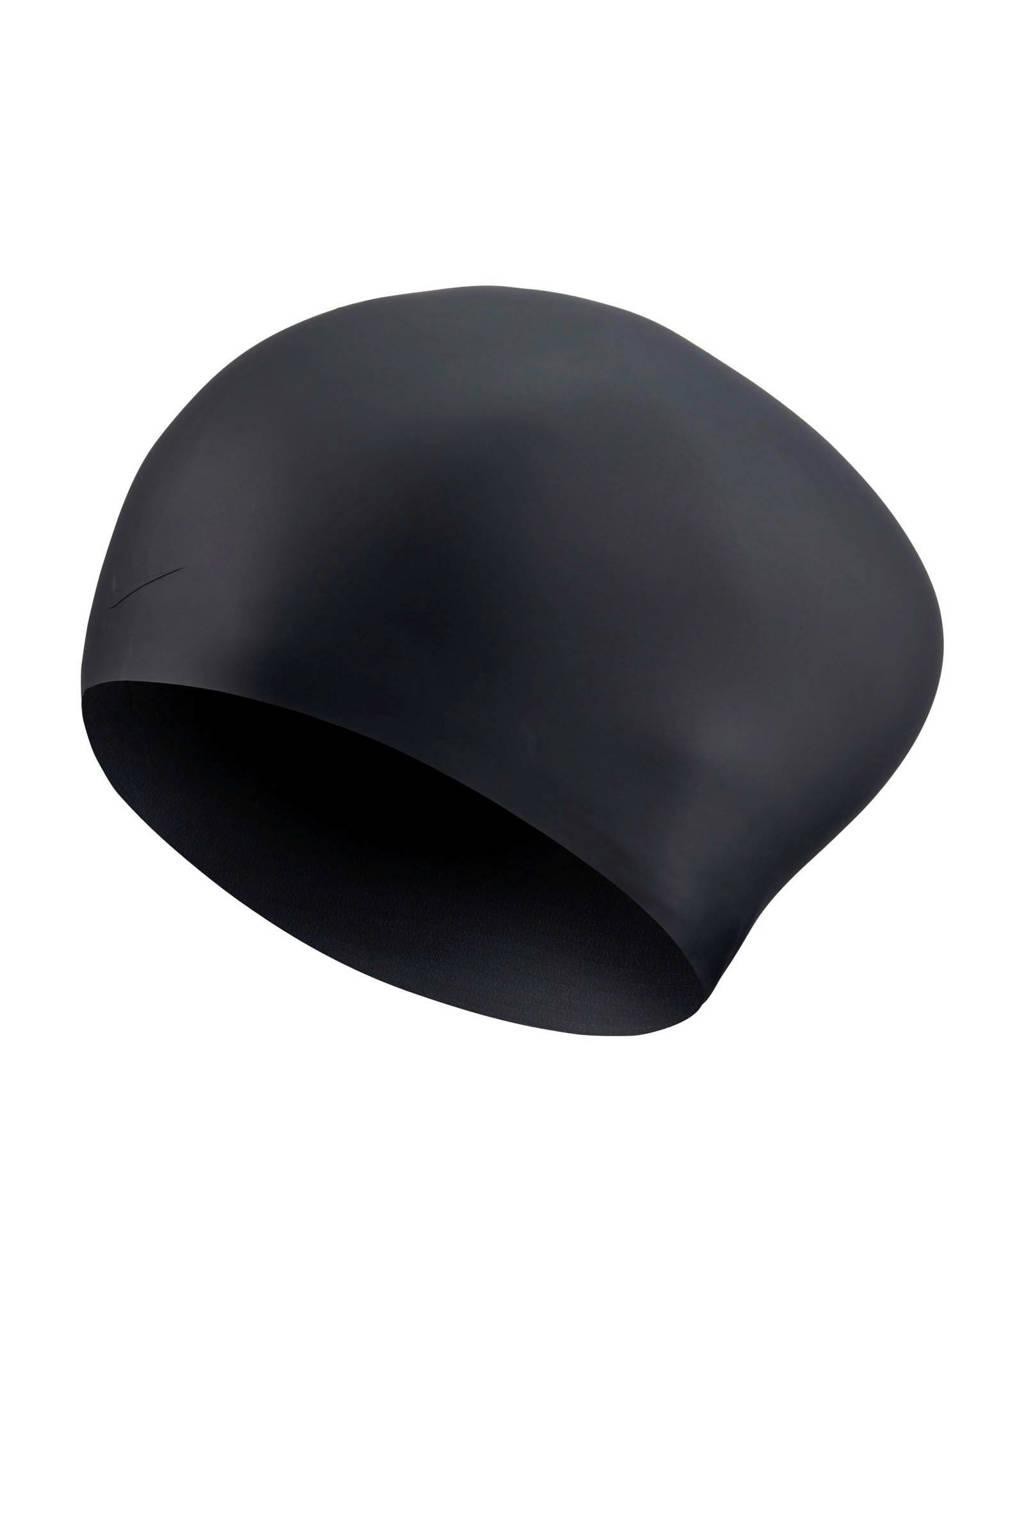 Nike badmuts voor lang haar zwart, Zwart